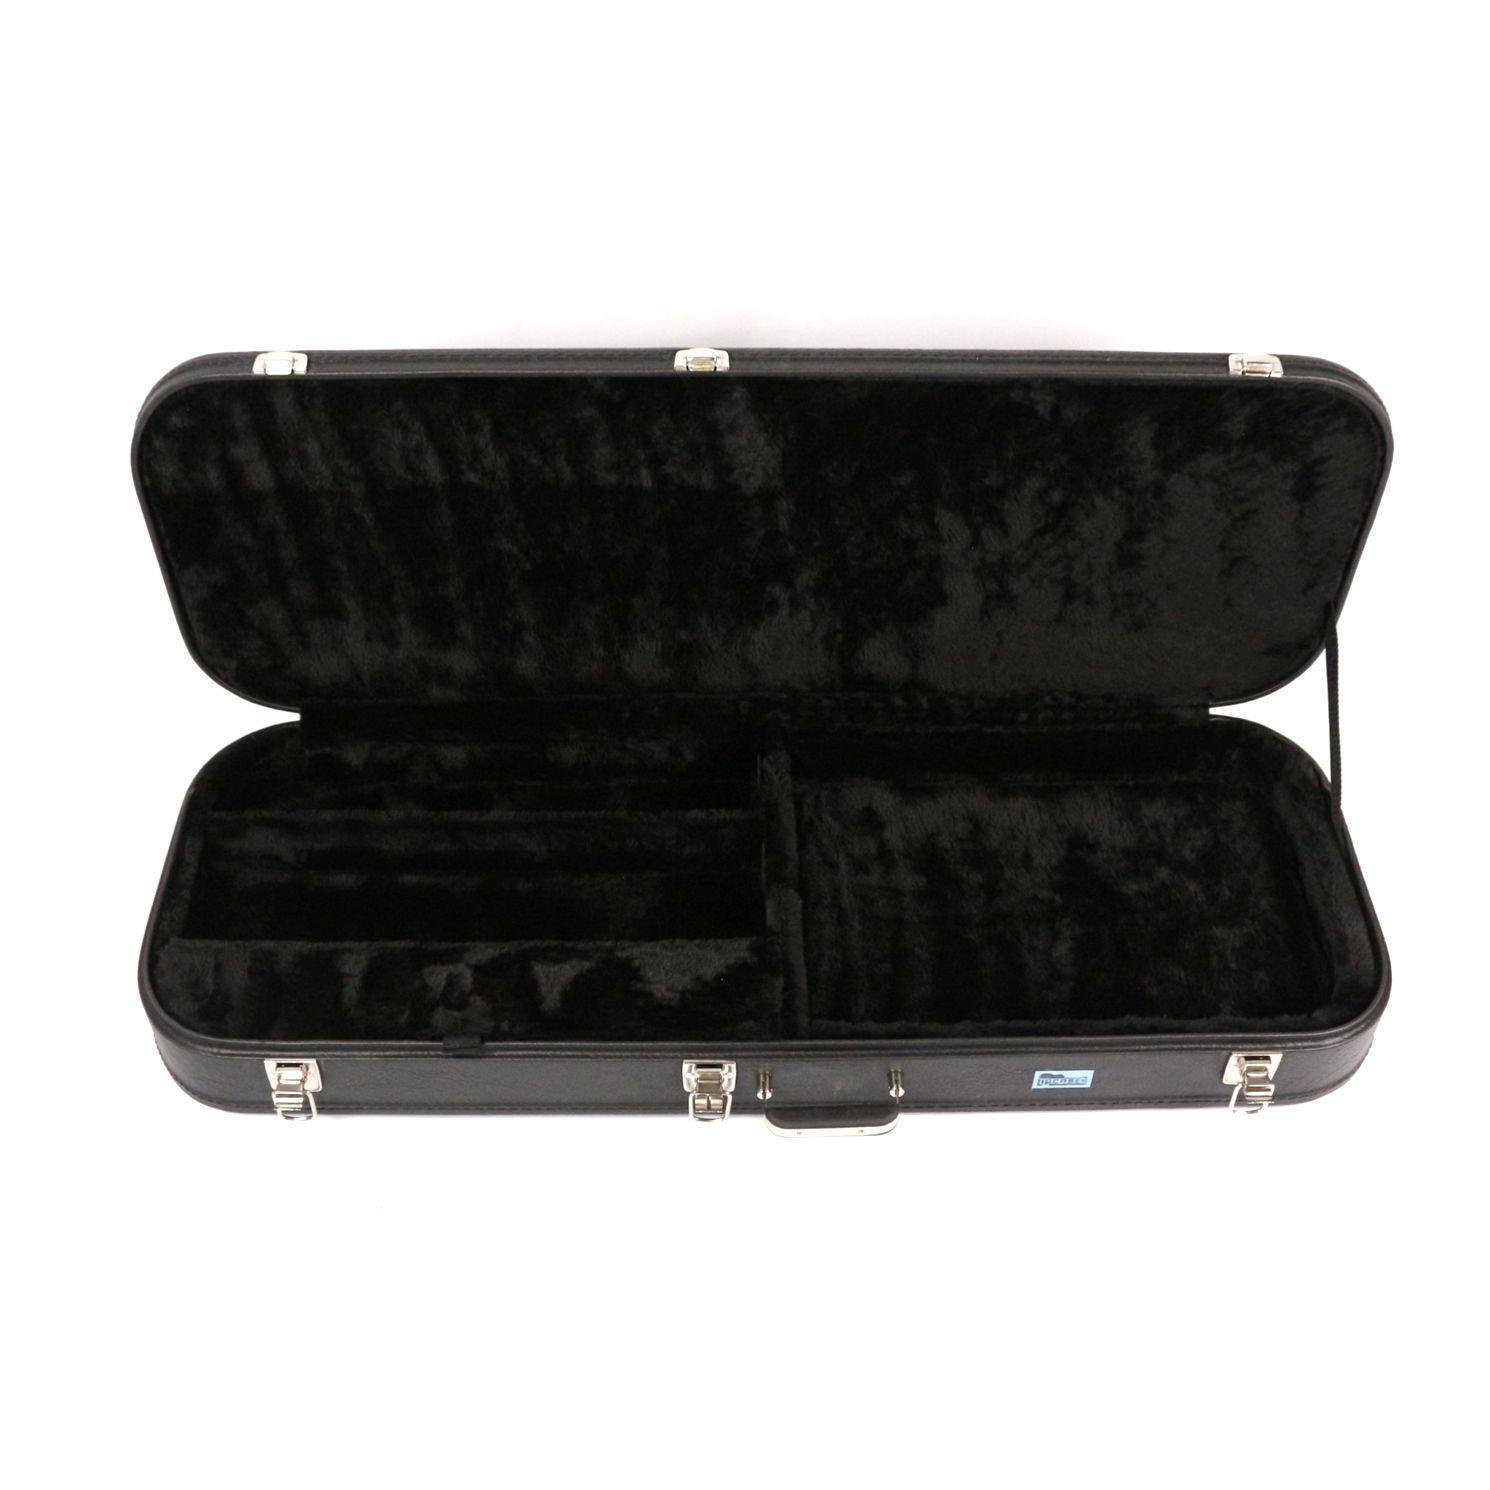 Hard Case Retangular para Guitarra em Courvin Preto - Upcases